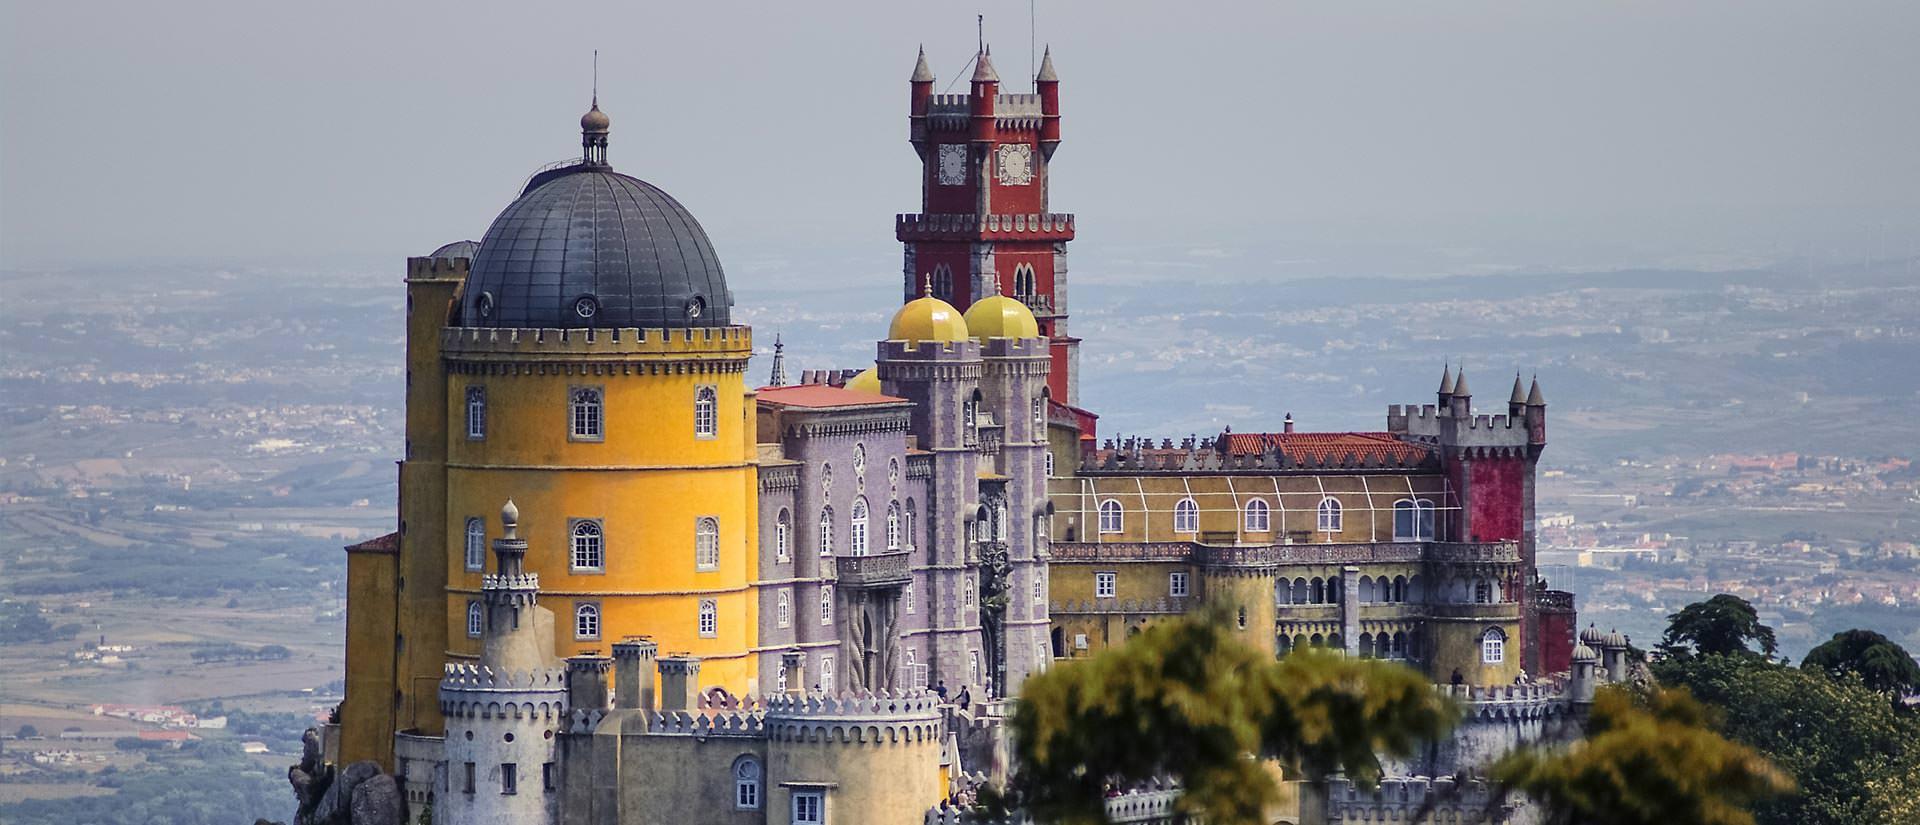 אמנון פנה בסינטרה, פורטוגל